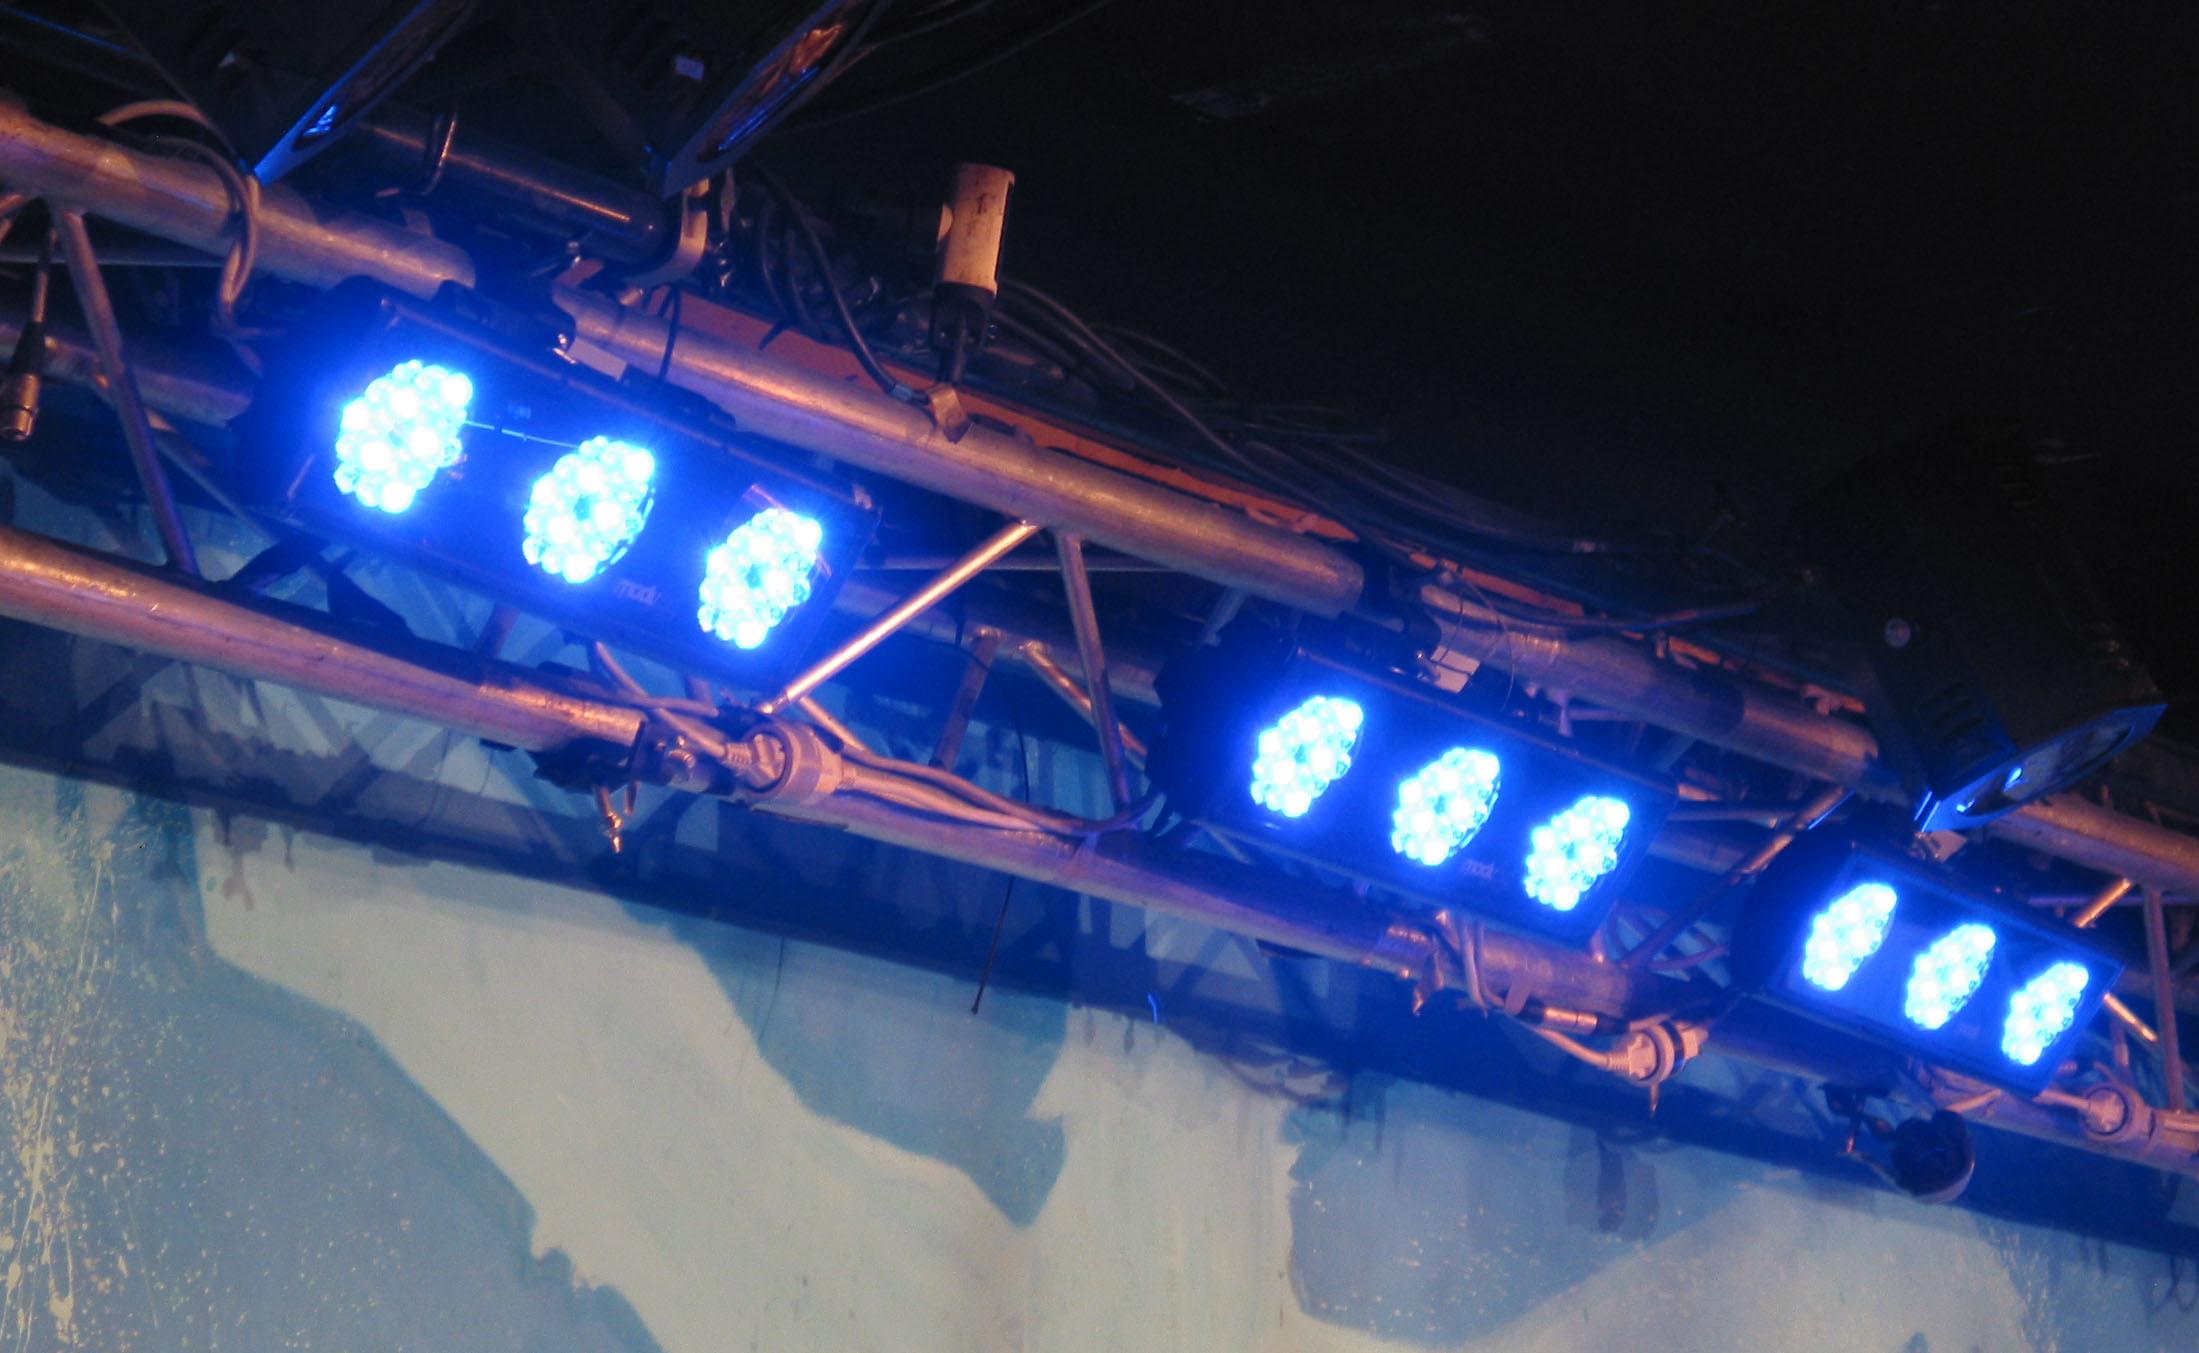 4 Moduled 318 (marque Ayrton) : Pour les contre-jour, 4 Moduled 318 (marque Ayrton), ces éclairages utilisent des lampes à LED d'une puissance de 1 watts en RGB soit 16 millions de couleurs. La Moduled se compose de trois blocs de 18 LED chacun soit 54 en tout